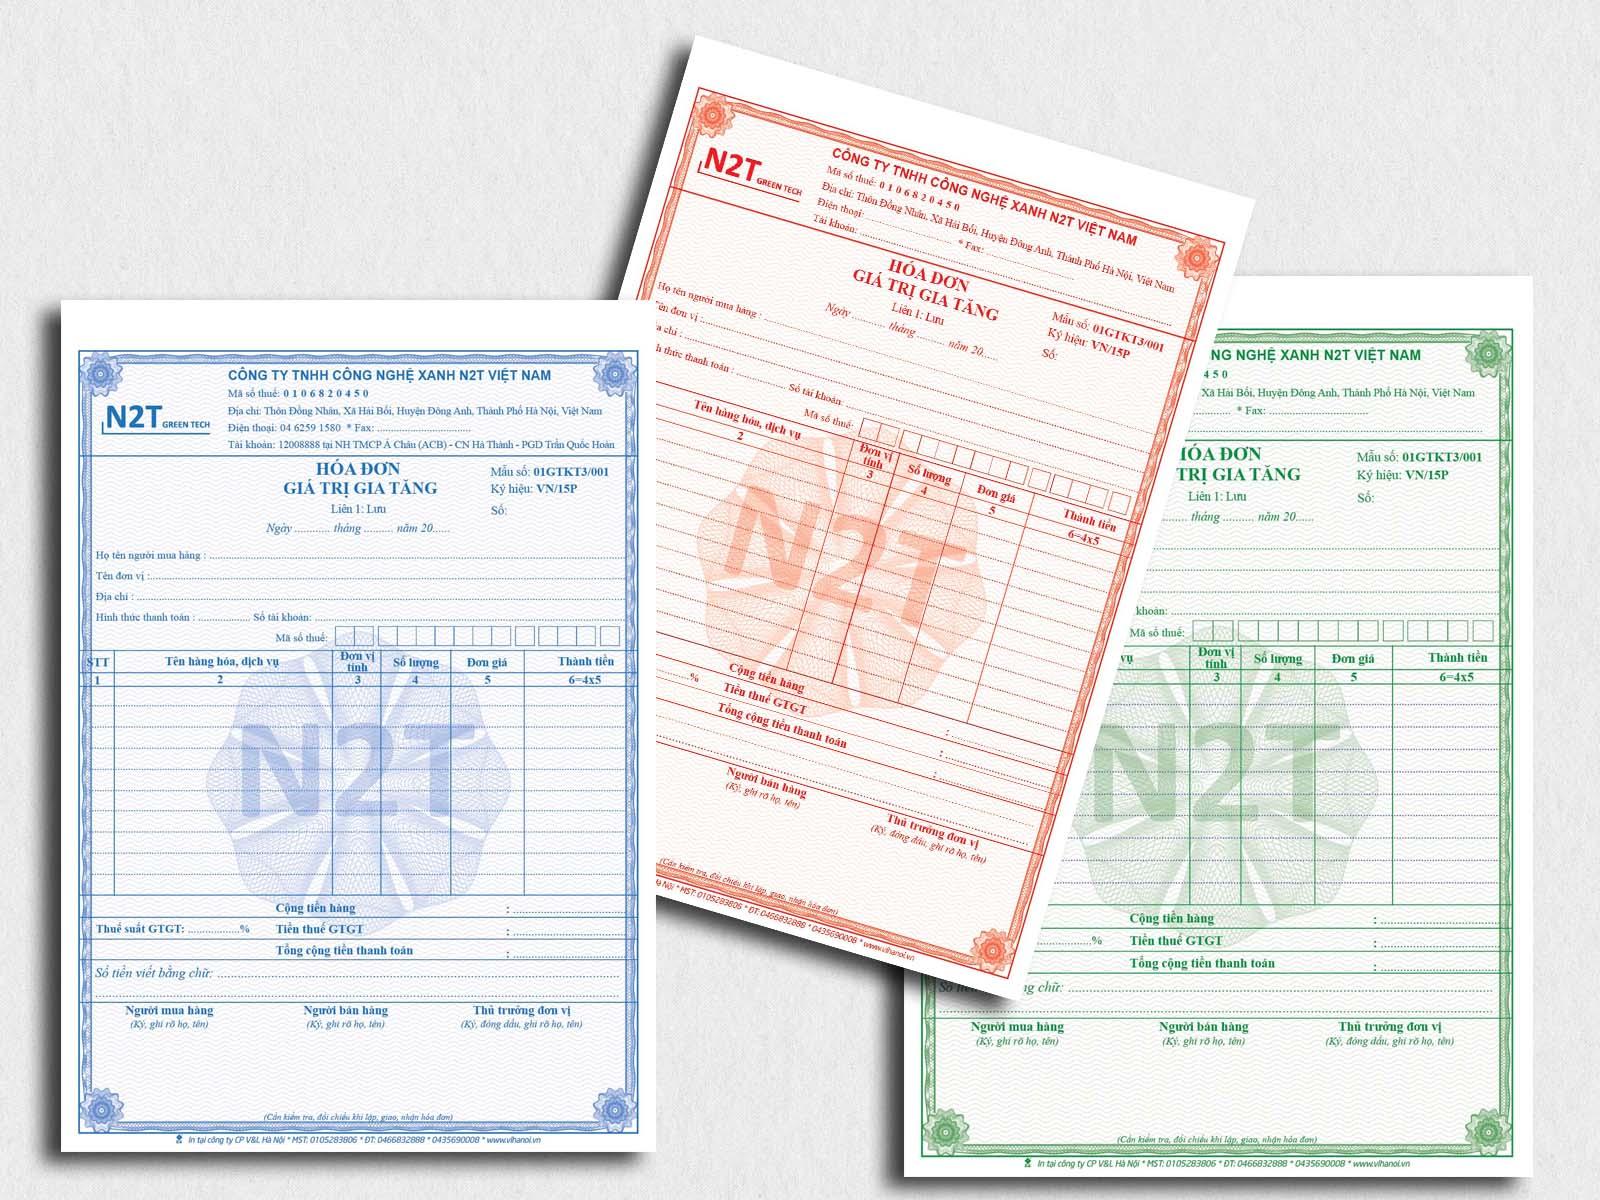 Mất hóa đơn đã mua nhưng chưa lập trong trường hợp nào sẽ không bị xử phạt?